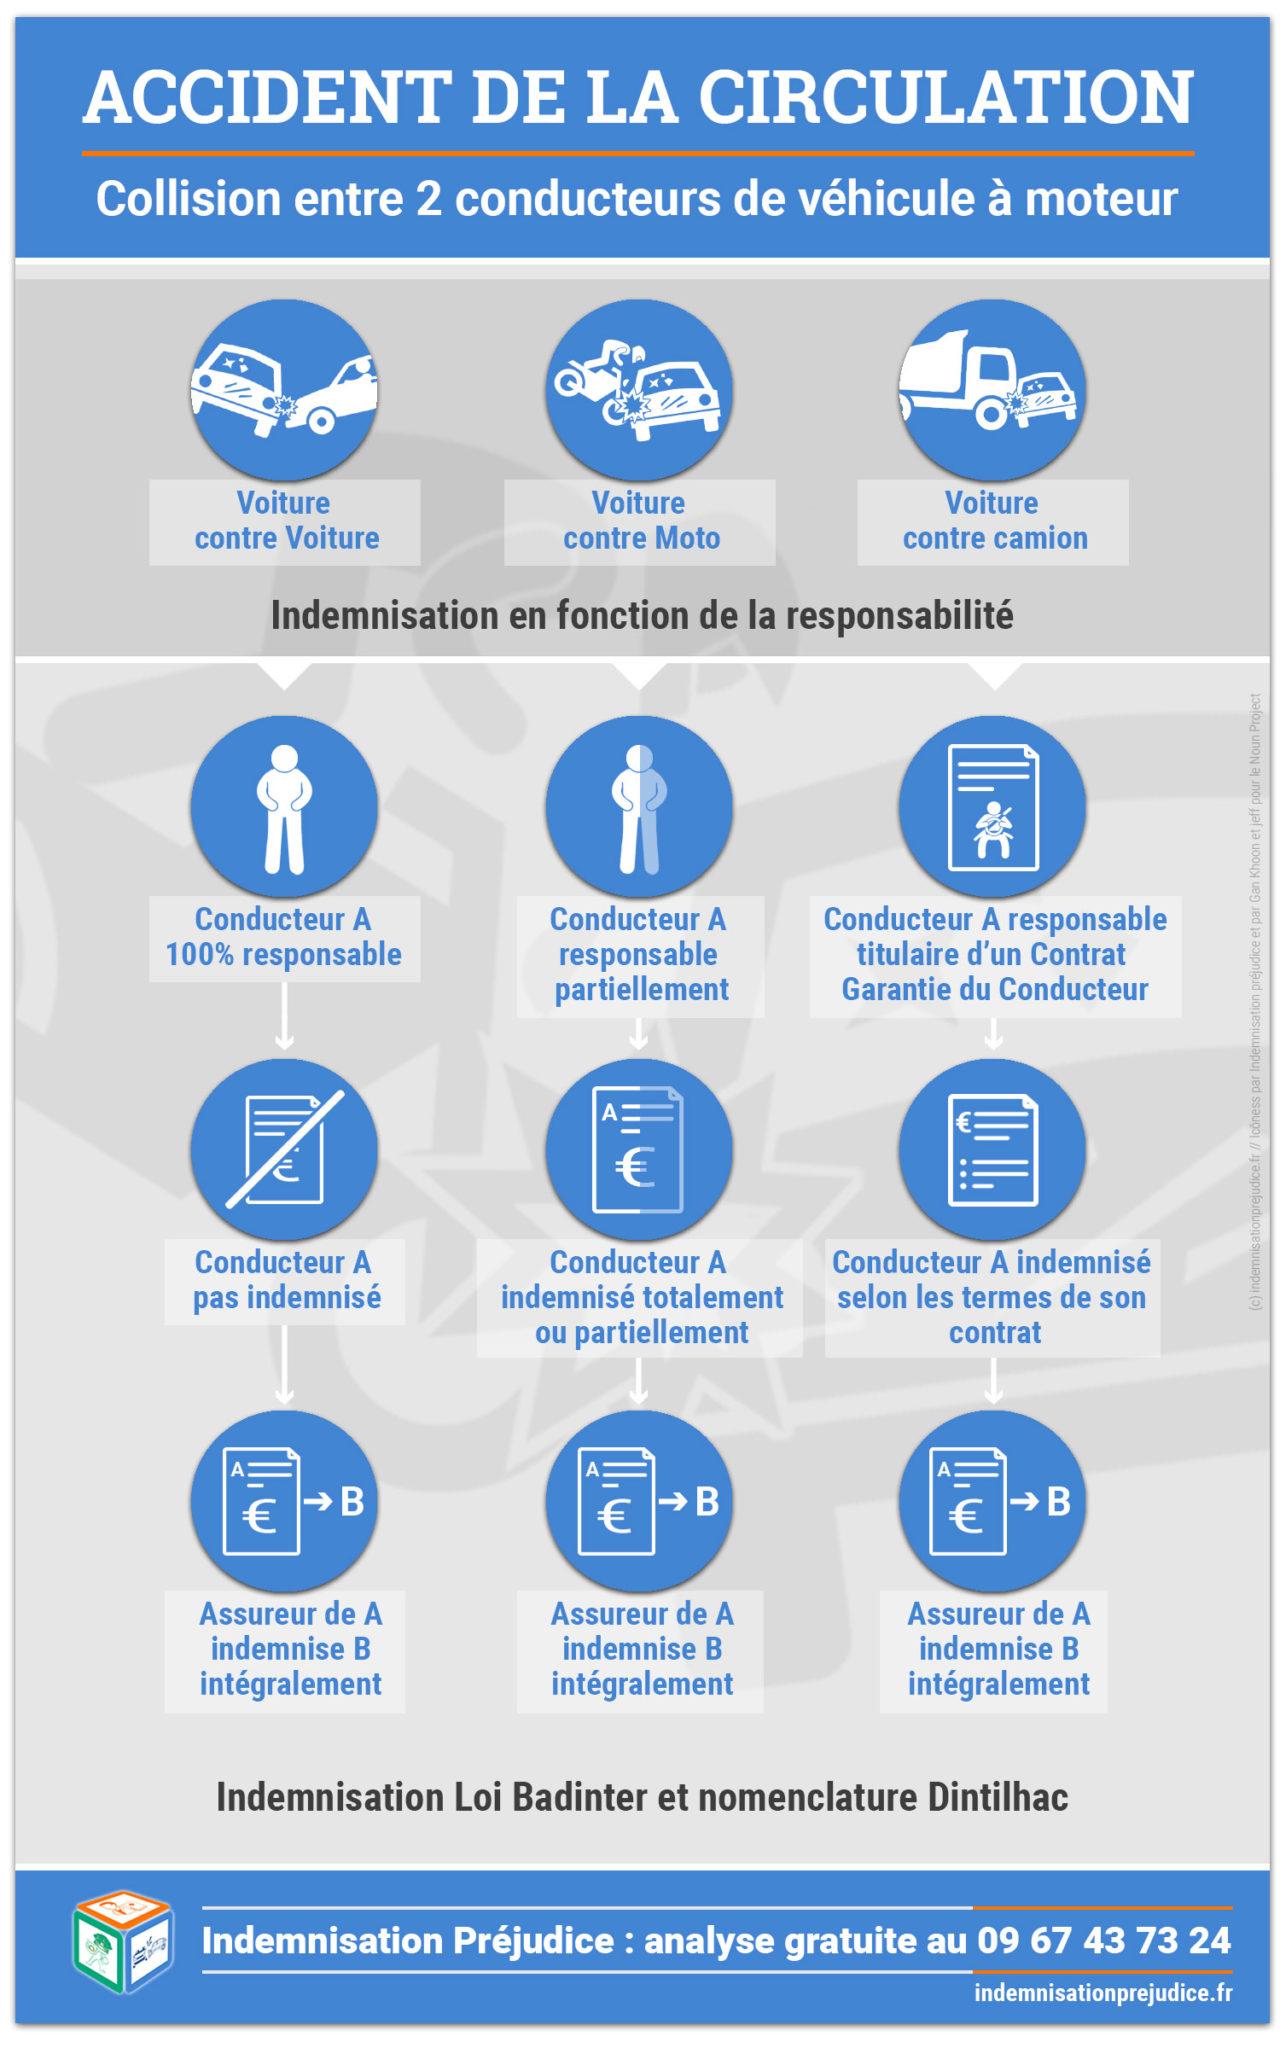 Les règles d'indemnisation des victimes d'accidents lors de la collision entre deux véhicules à moteur.